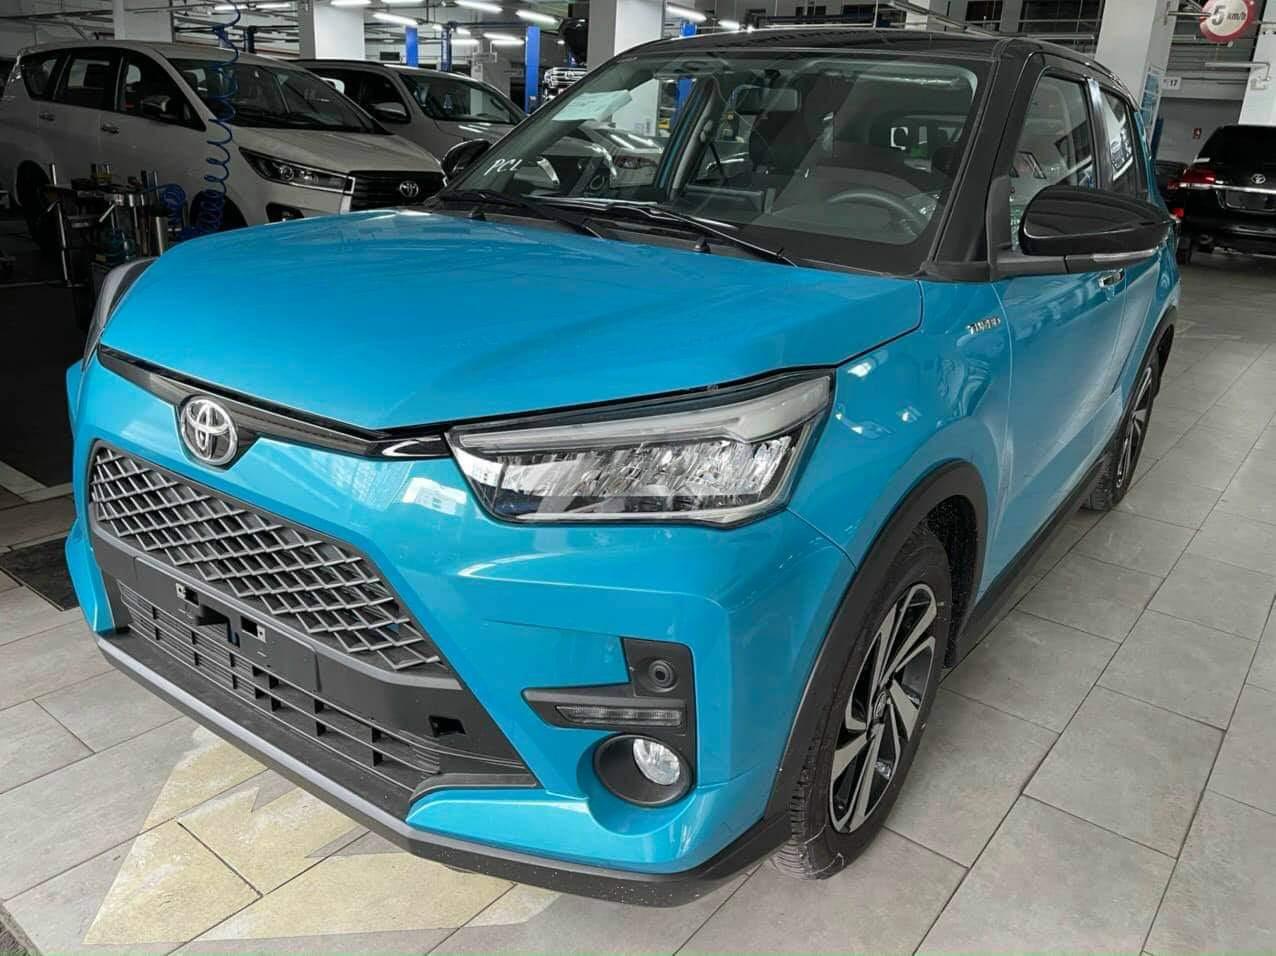 Mẫu Toyota Raize xuất hiện tại một đại lý khu vực Hà Nội. Ảnh: Facebook/Hội Toyota Raize Việt Nam